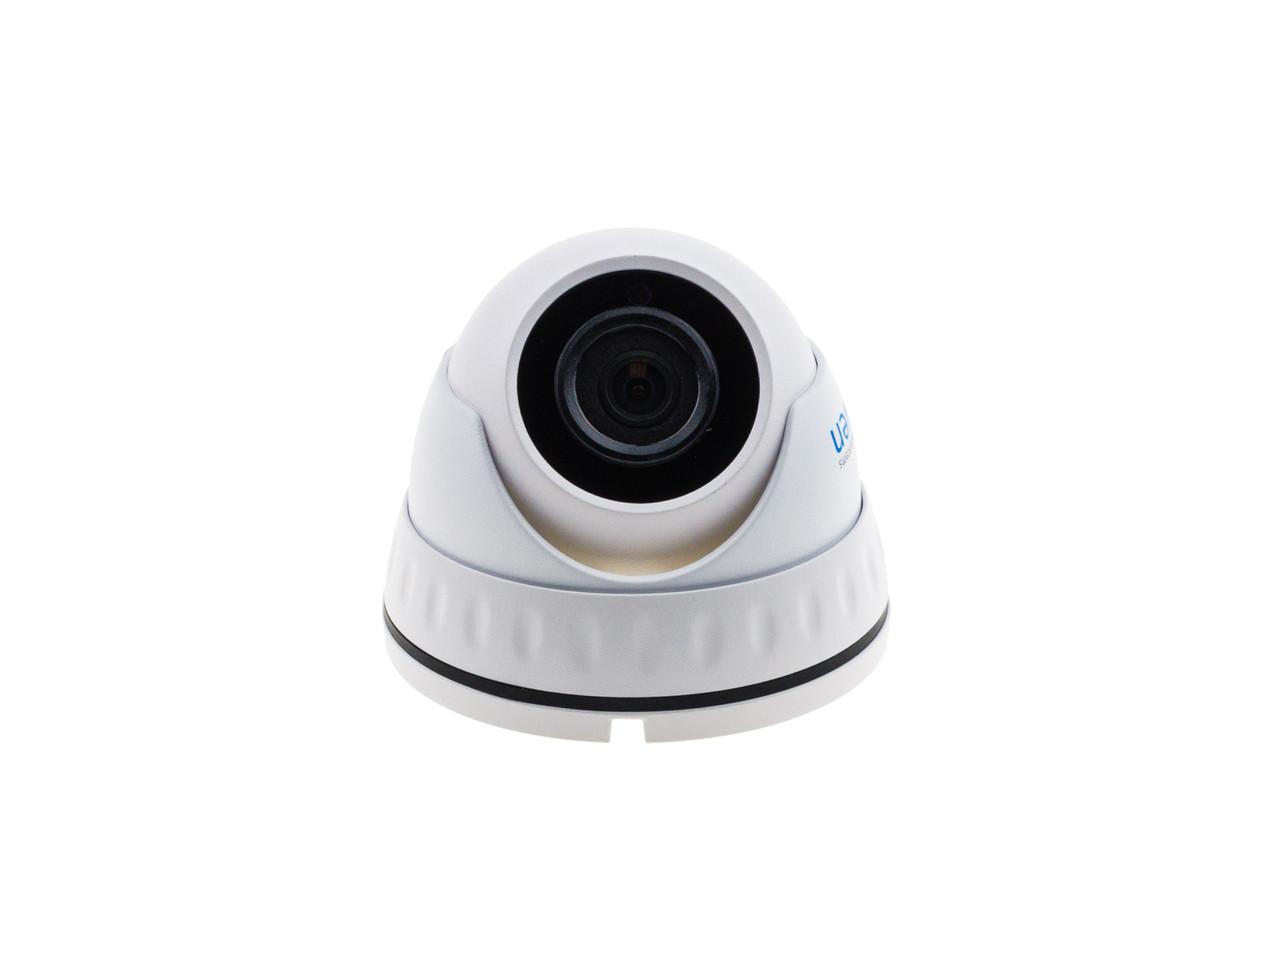 IP видеокамера 5 Мп уличная/внутренняя SEVEN IP-7215PA white (2,8)